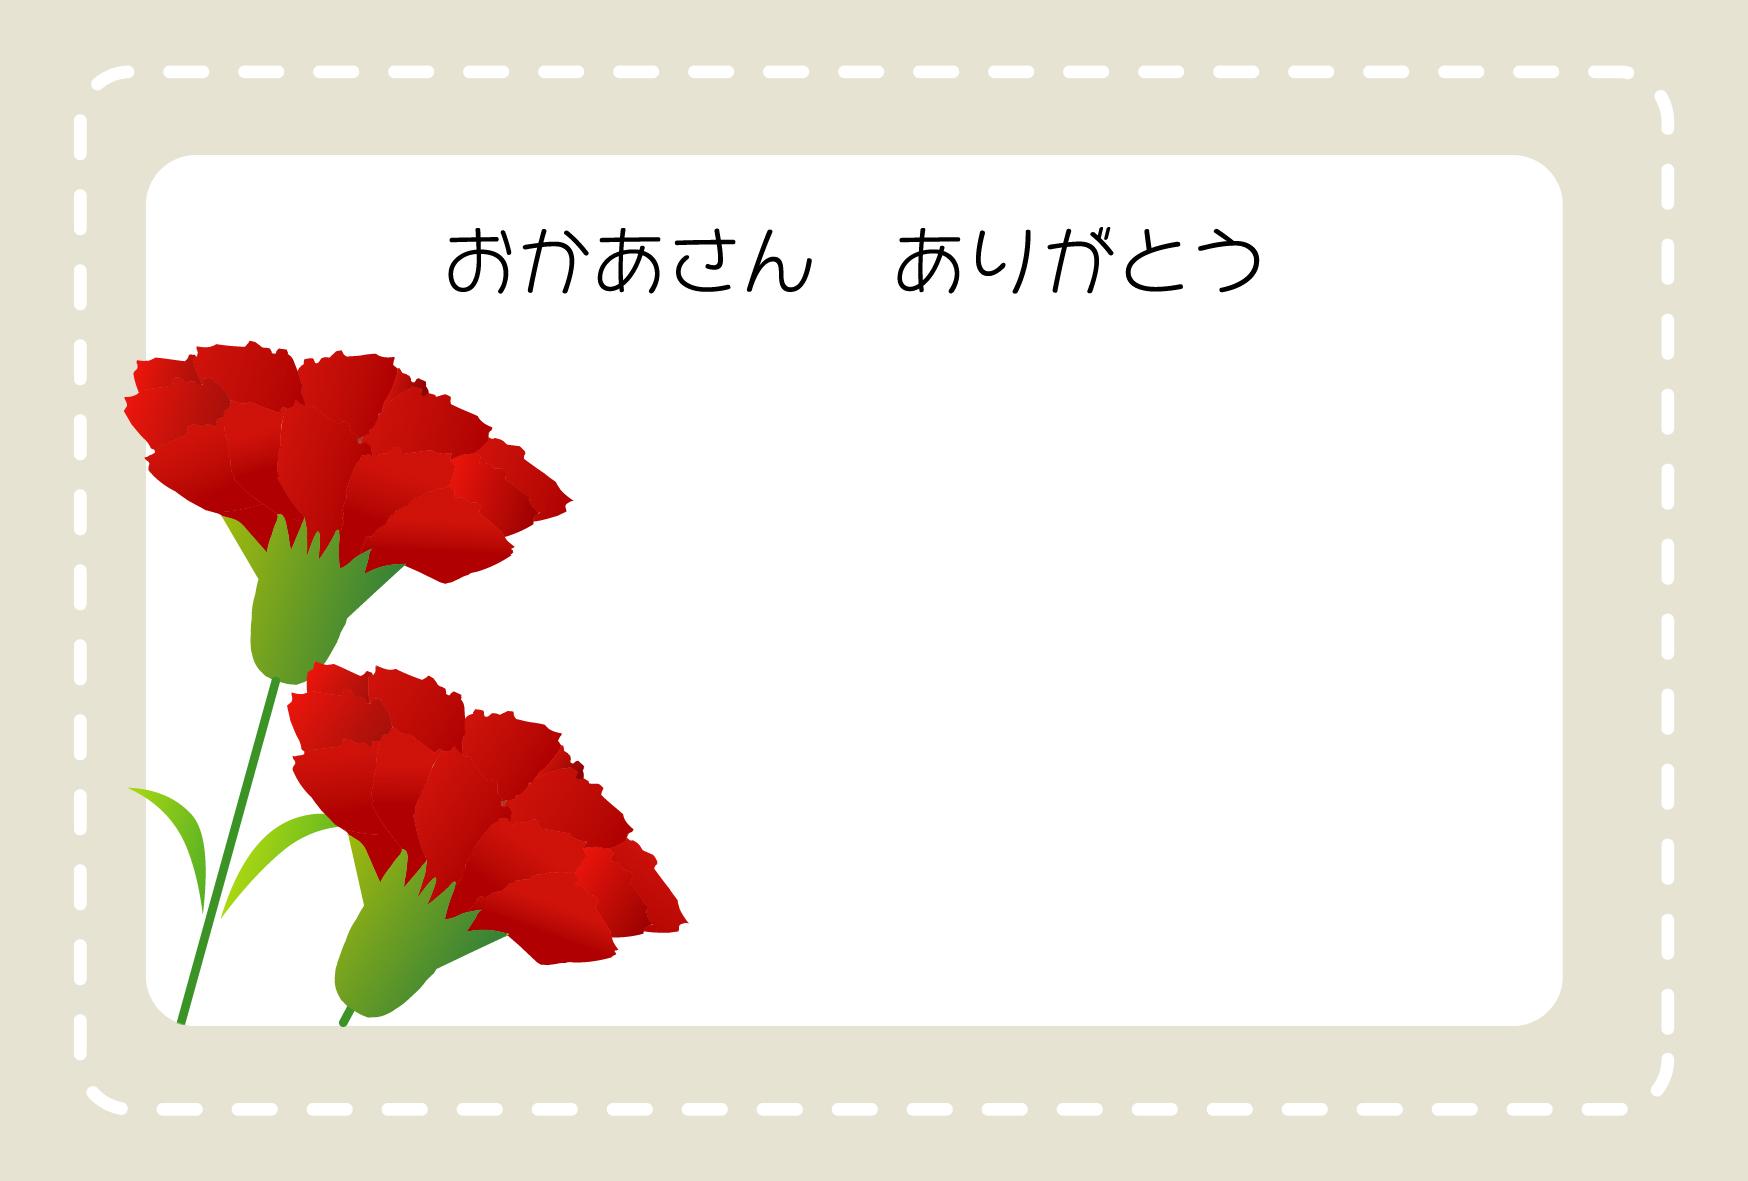 ... あなたからのメッセージカード : カード 素材 フリー : カード